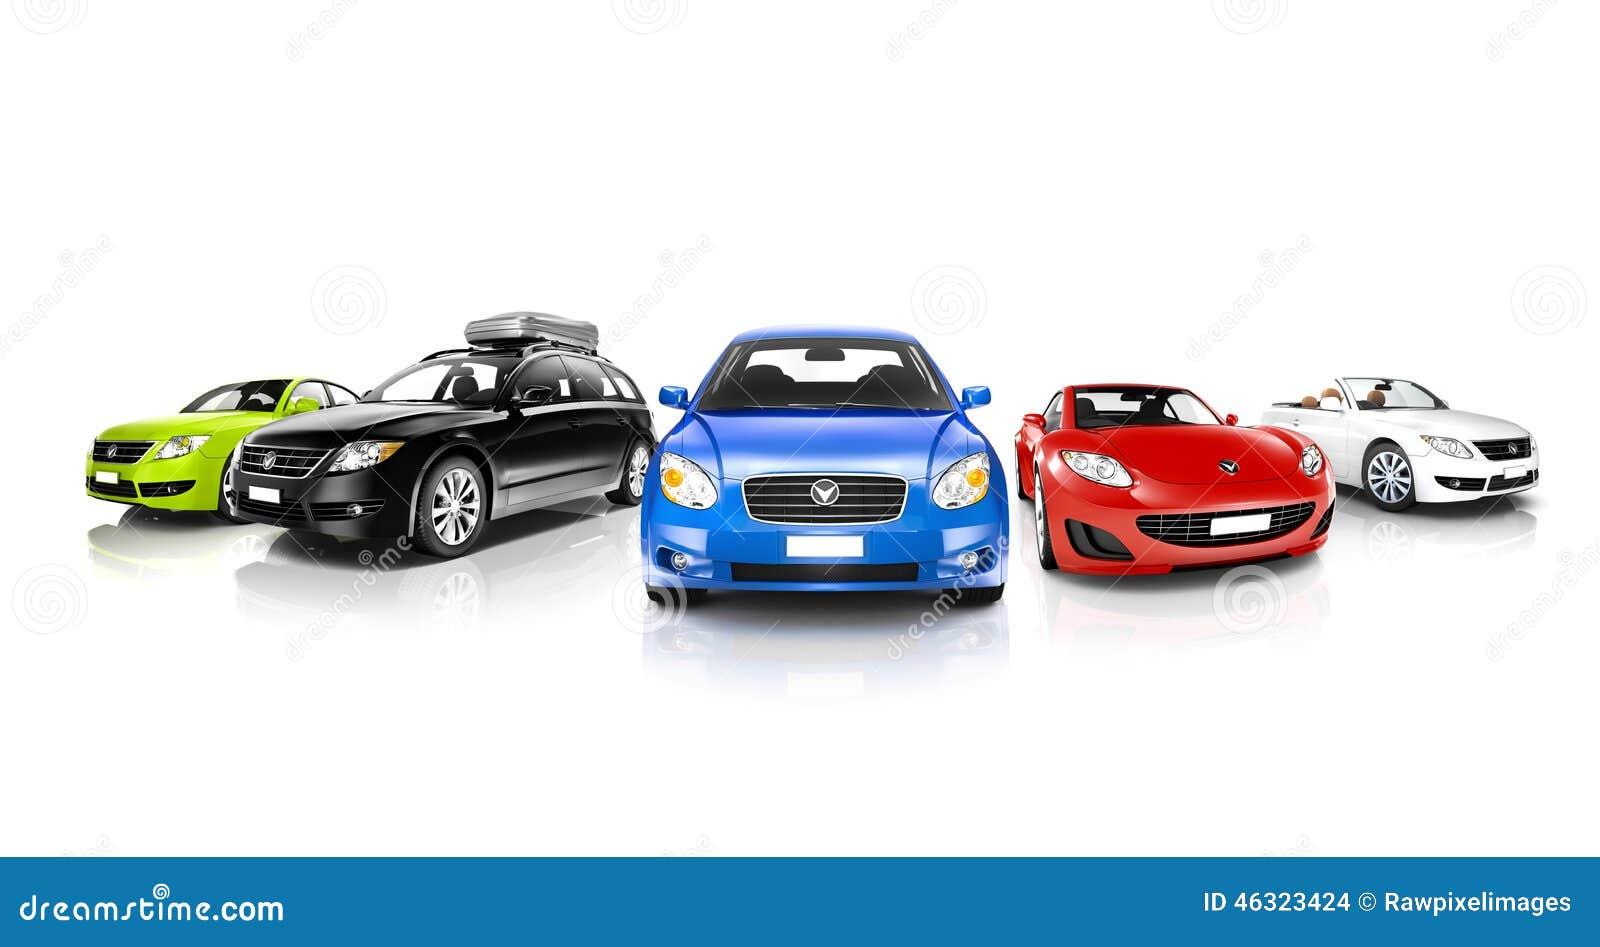 studio tir des voitures g n riques color es photo stock image 46323424. Black Bedroom Furniture Sets. Home Design Ideas